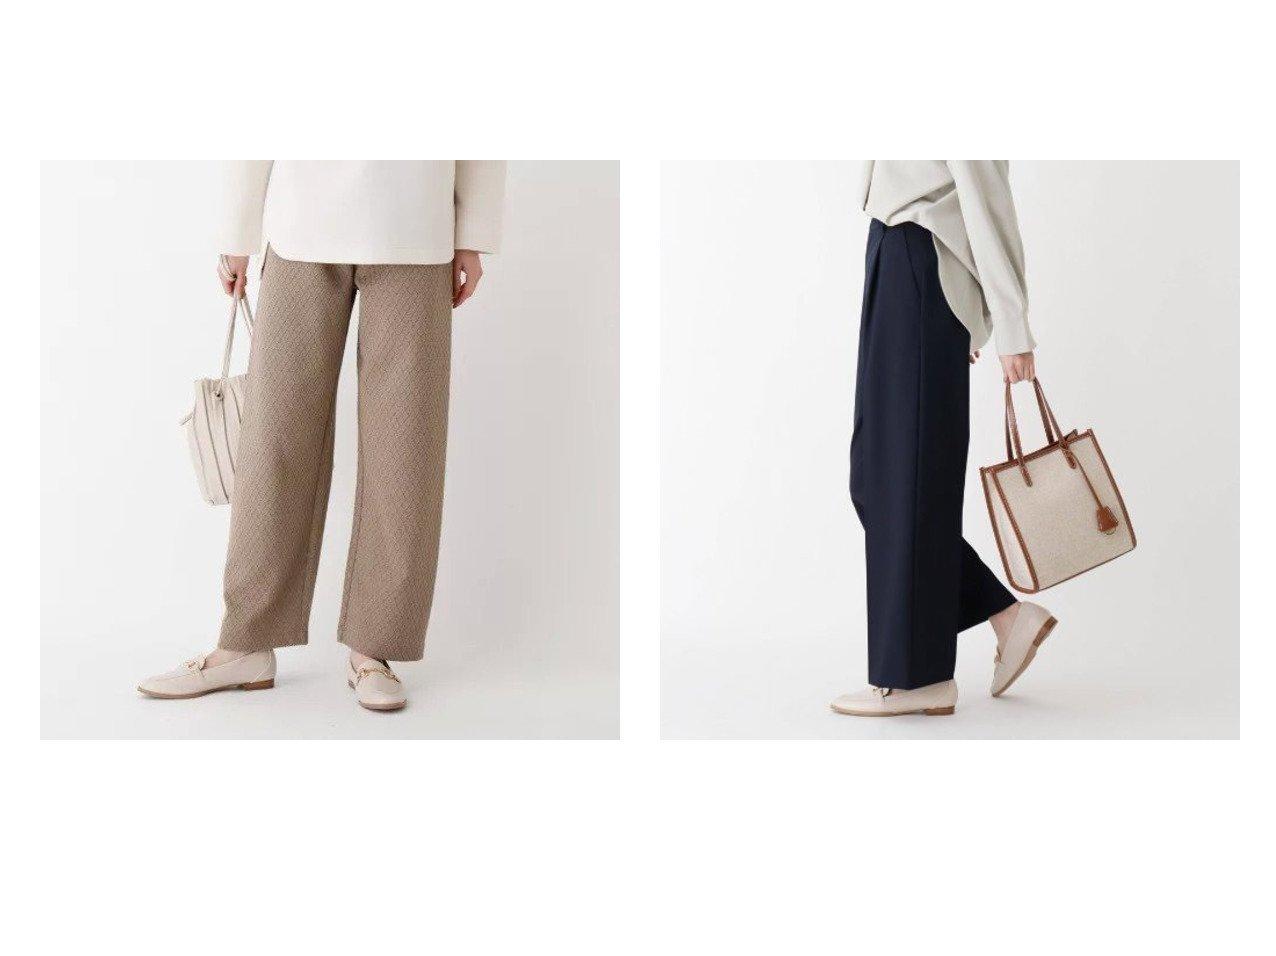 【OPAQUE.CLIP/オペークドットクリップ】のジオメトリックジャガード イージーパンツ&【WEB限定サイズ・カラーあり】beautiful stretch ワイドストレートパンツ パンツのおすすめ!人気、トレンド・レディースファッションの通販  おすすめで人気の流行・トレンド、ファッションの通販商品 メンズファッション・キッズファッション・インテリア・家具・レディースファッション・服の通販 founy(ファニー) https://founy.com/ ファッション Fashion レディースファッション WOMEN パンツ Pants カットソー ストレッチ ポケット ワイド |ID:crp329100000018902